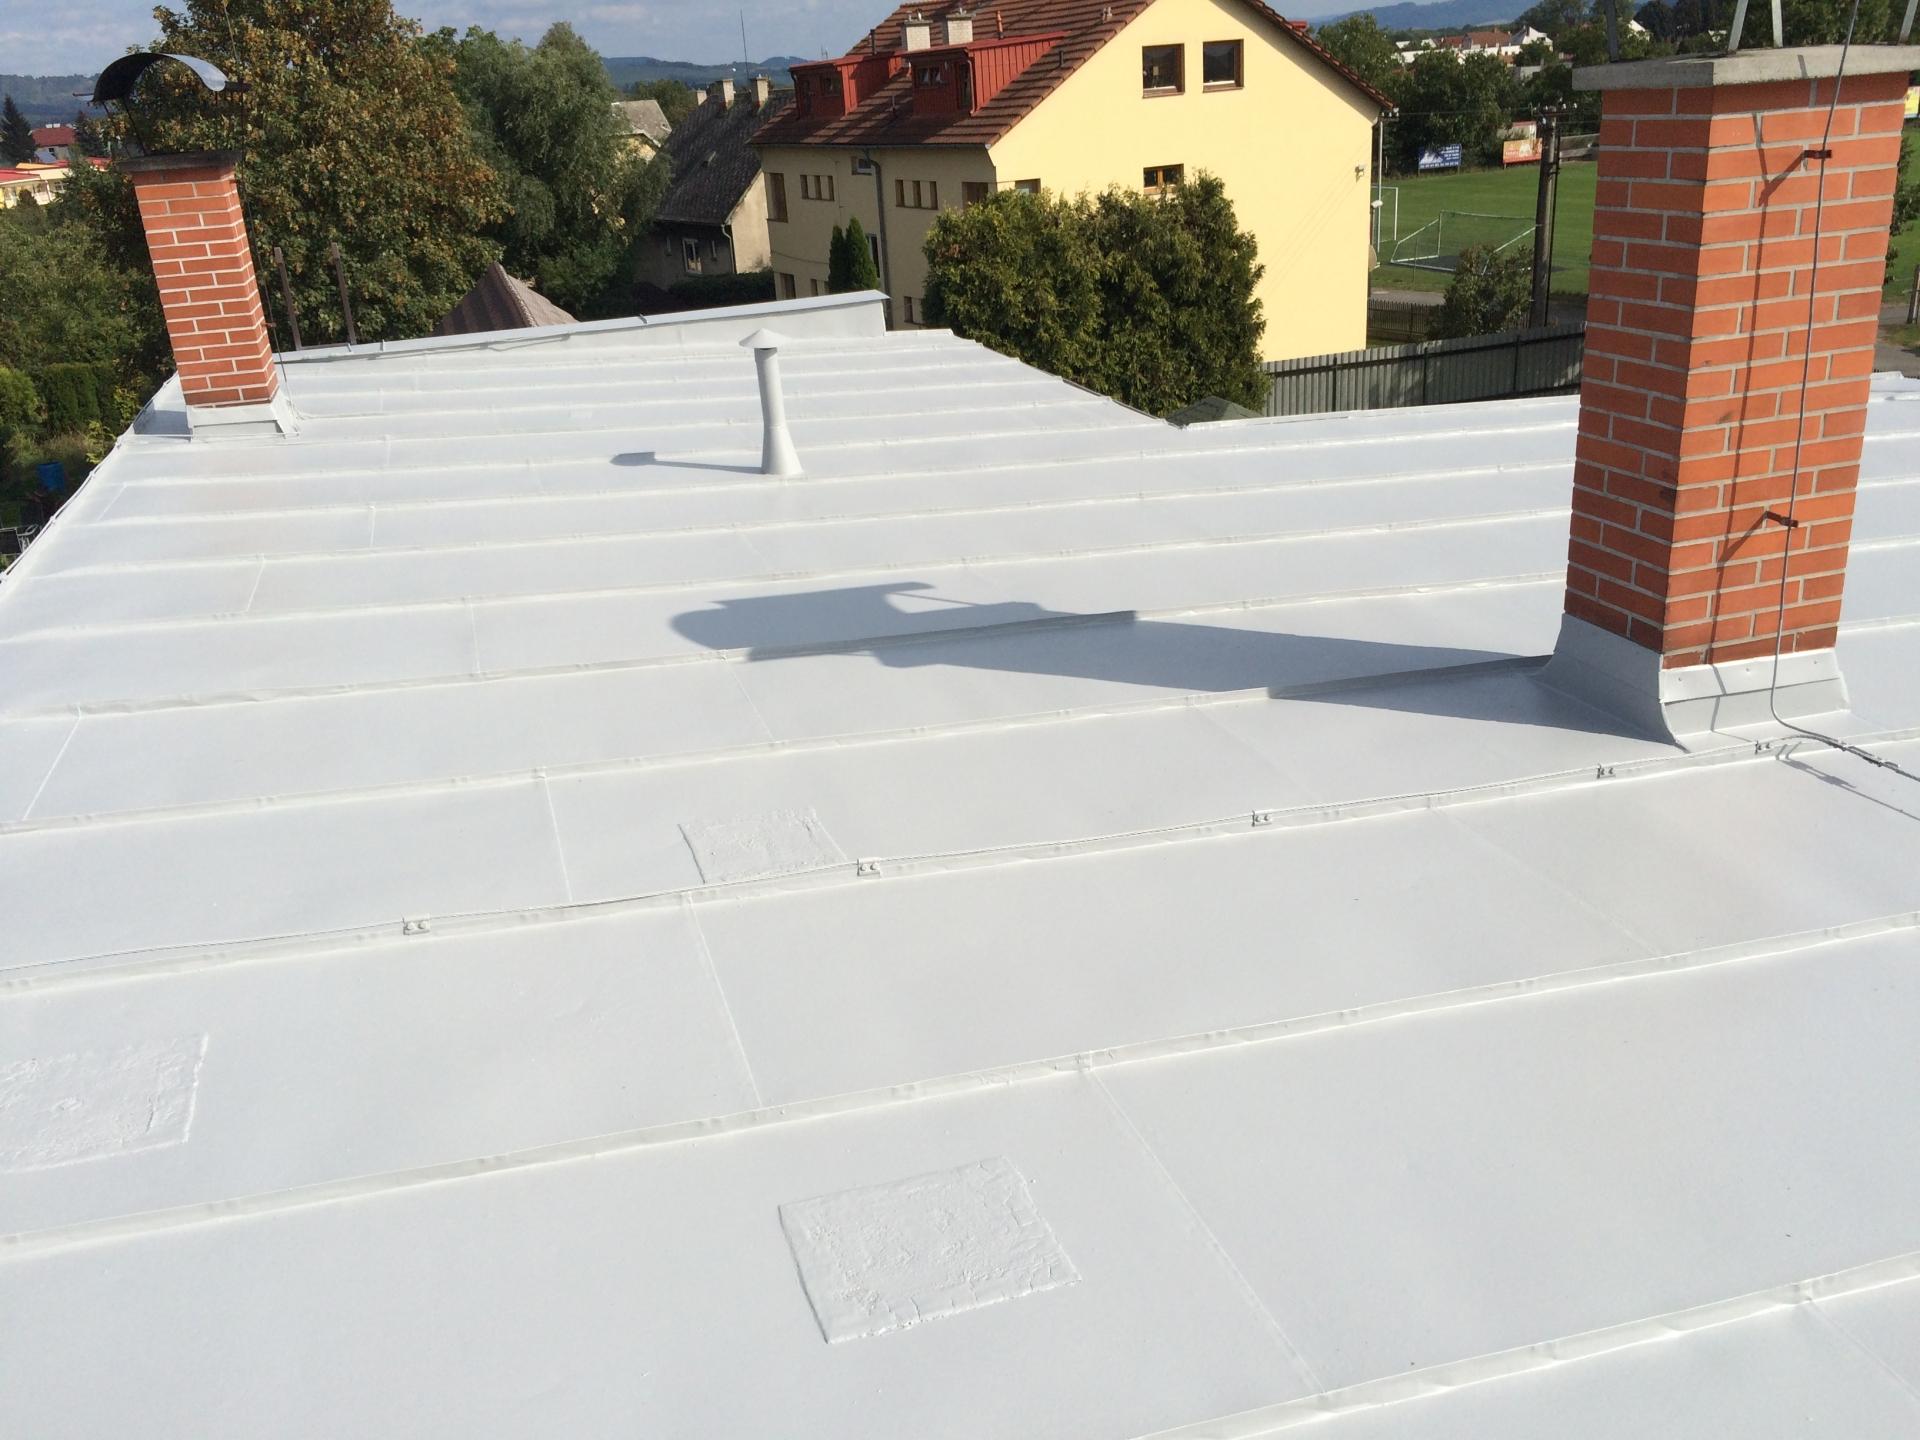 čištění střechy a nátěr střechy